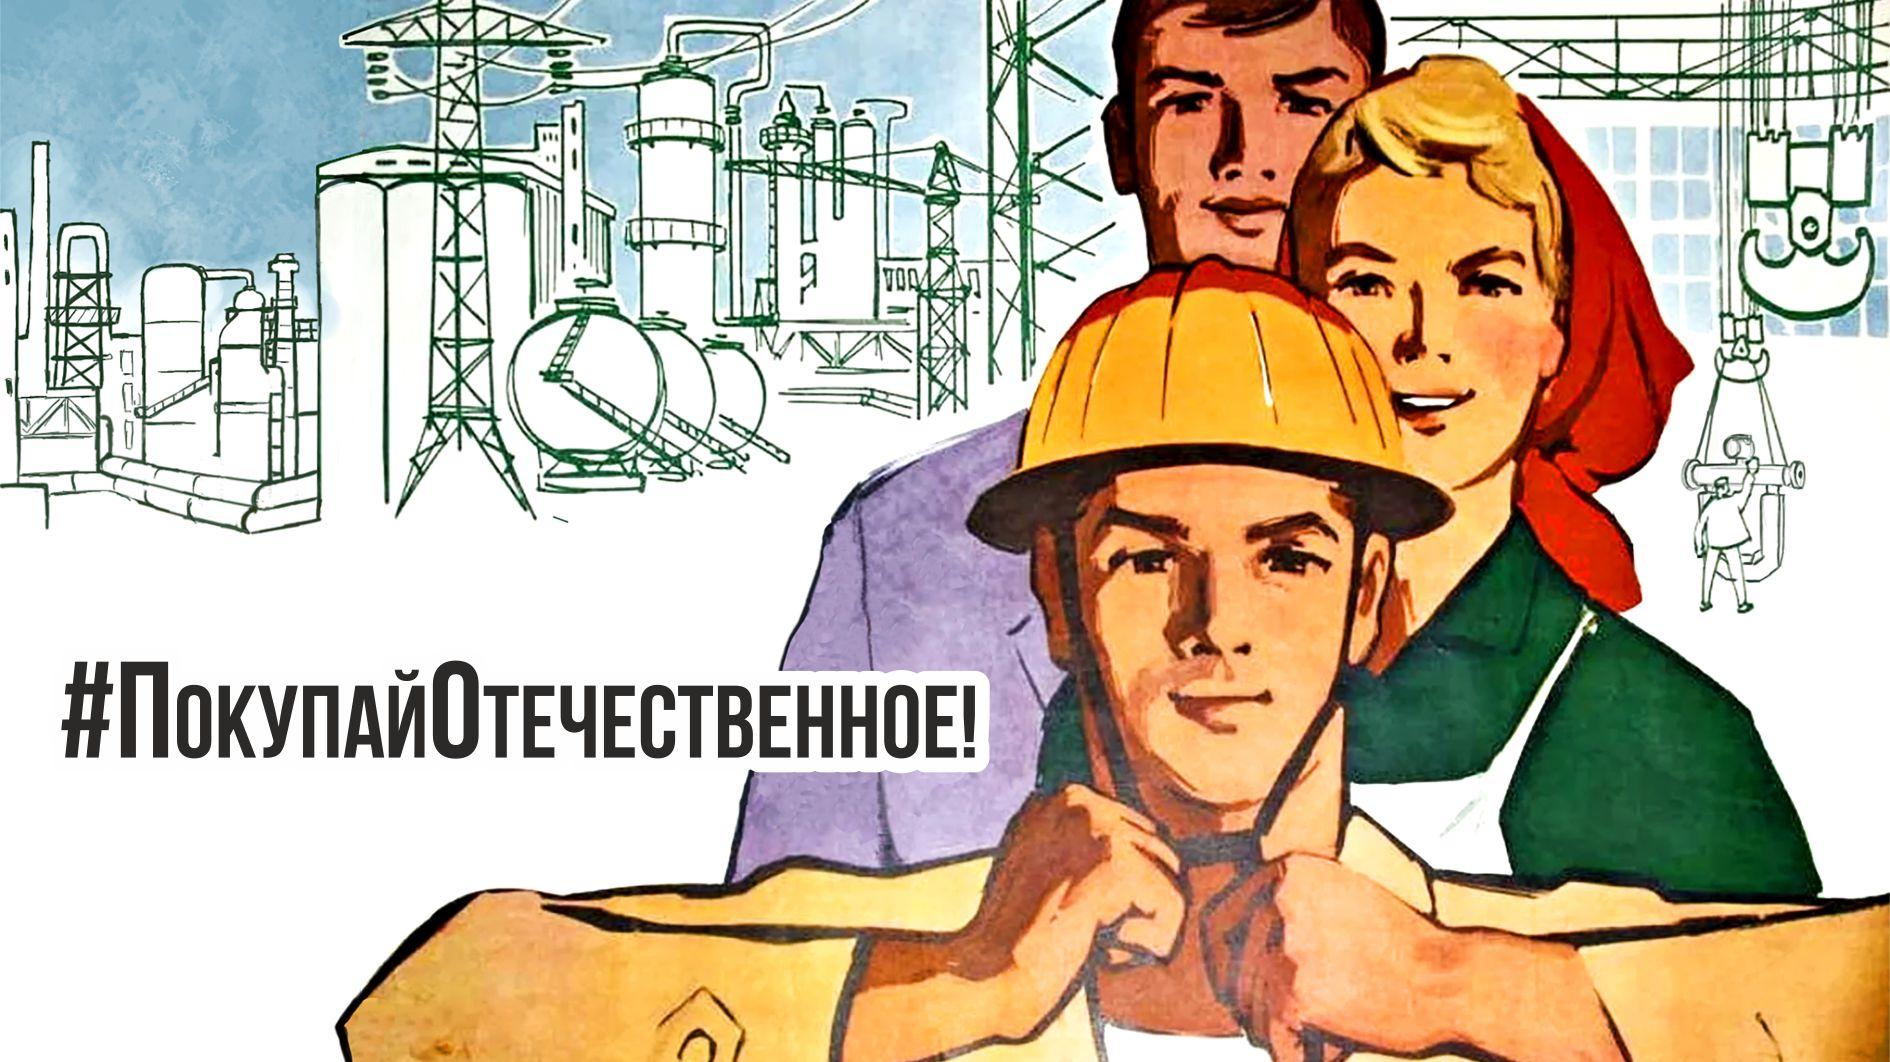 Зародившееся в Челябинске движение «Покупай отечественное!» становится всероссийским